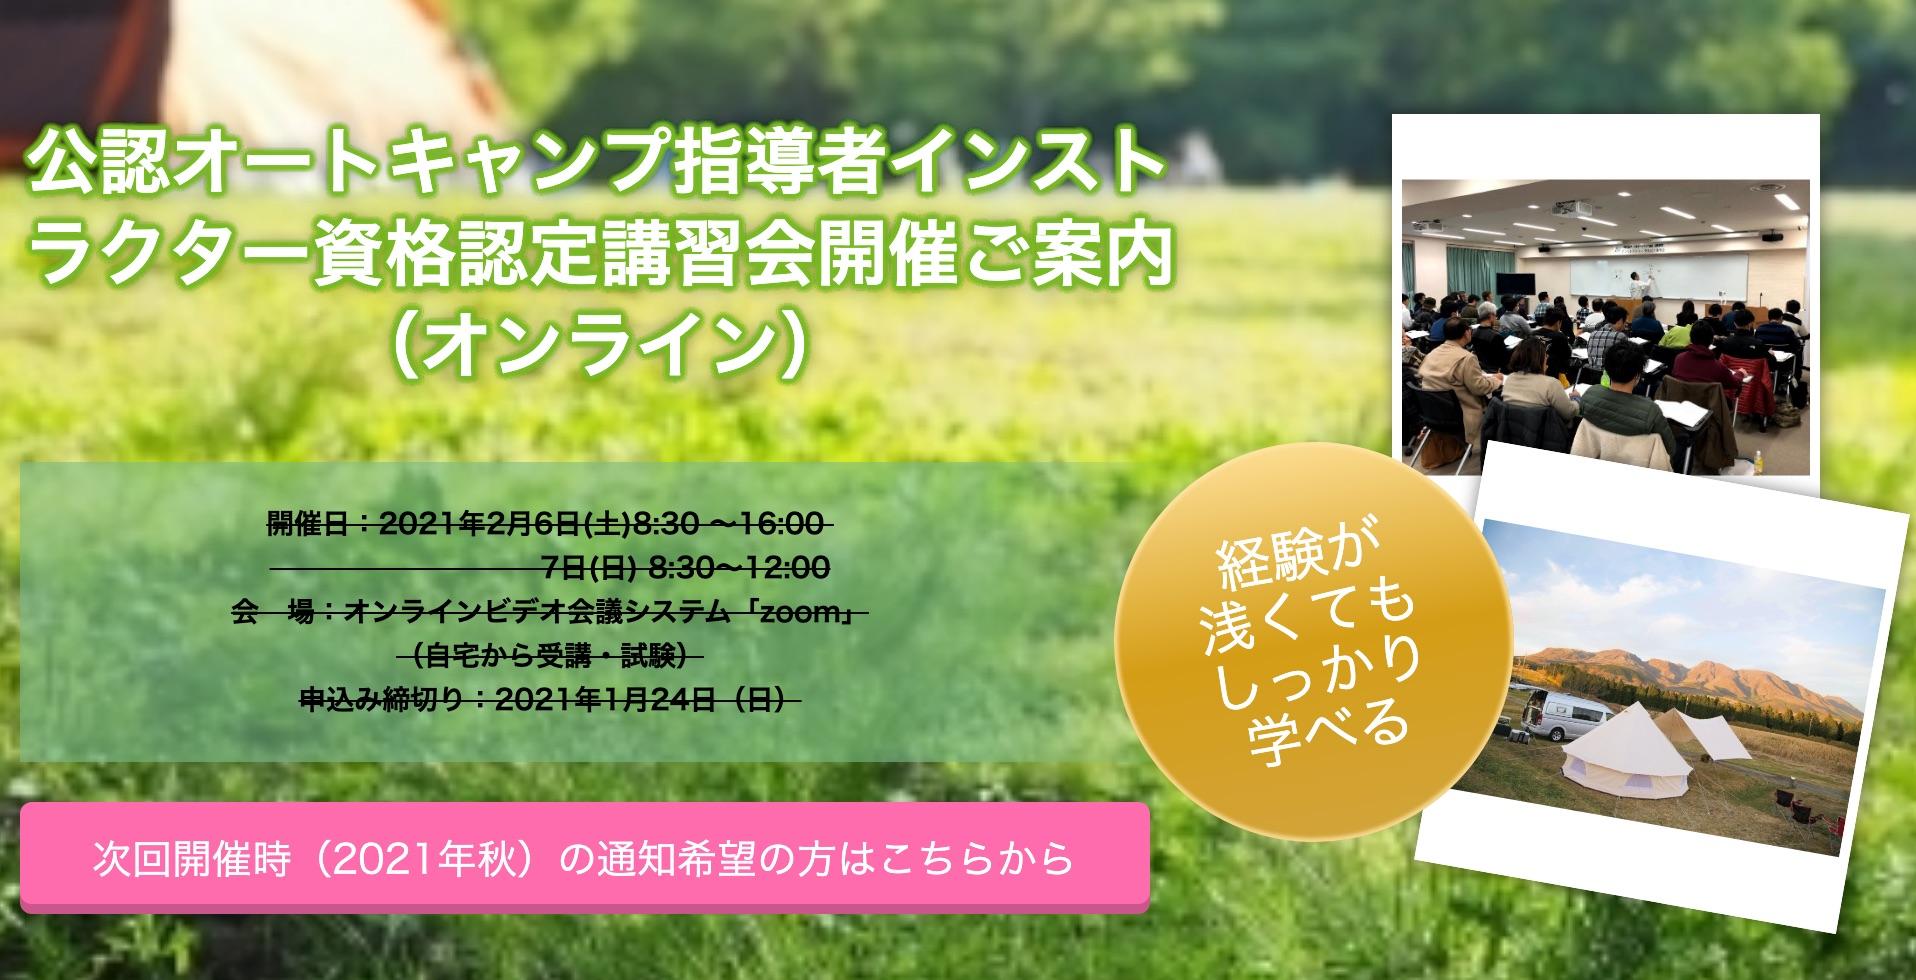 日本オートキャンプ協会